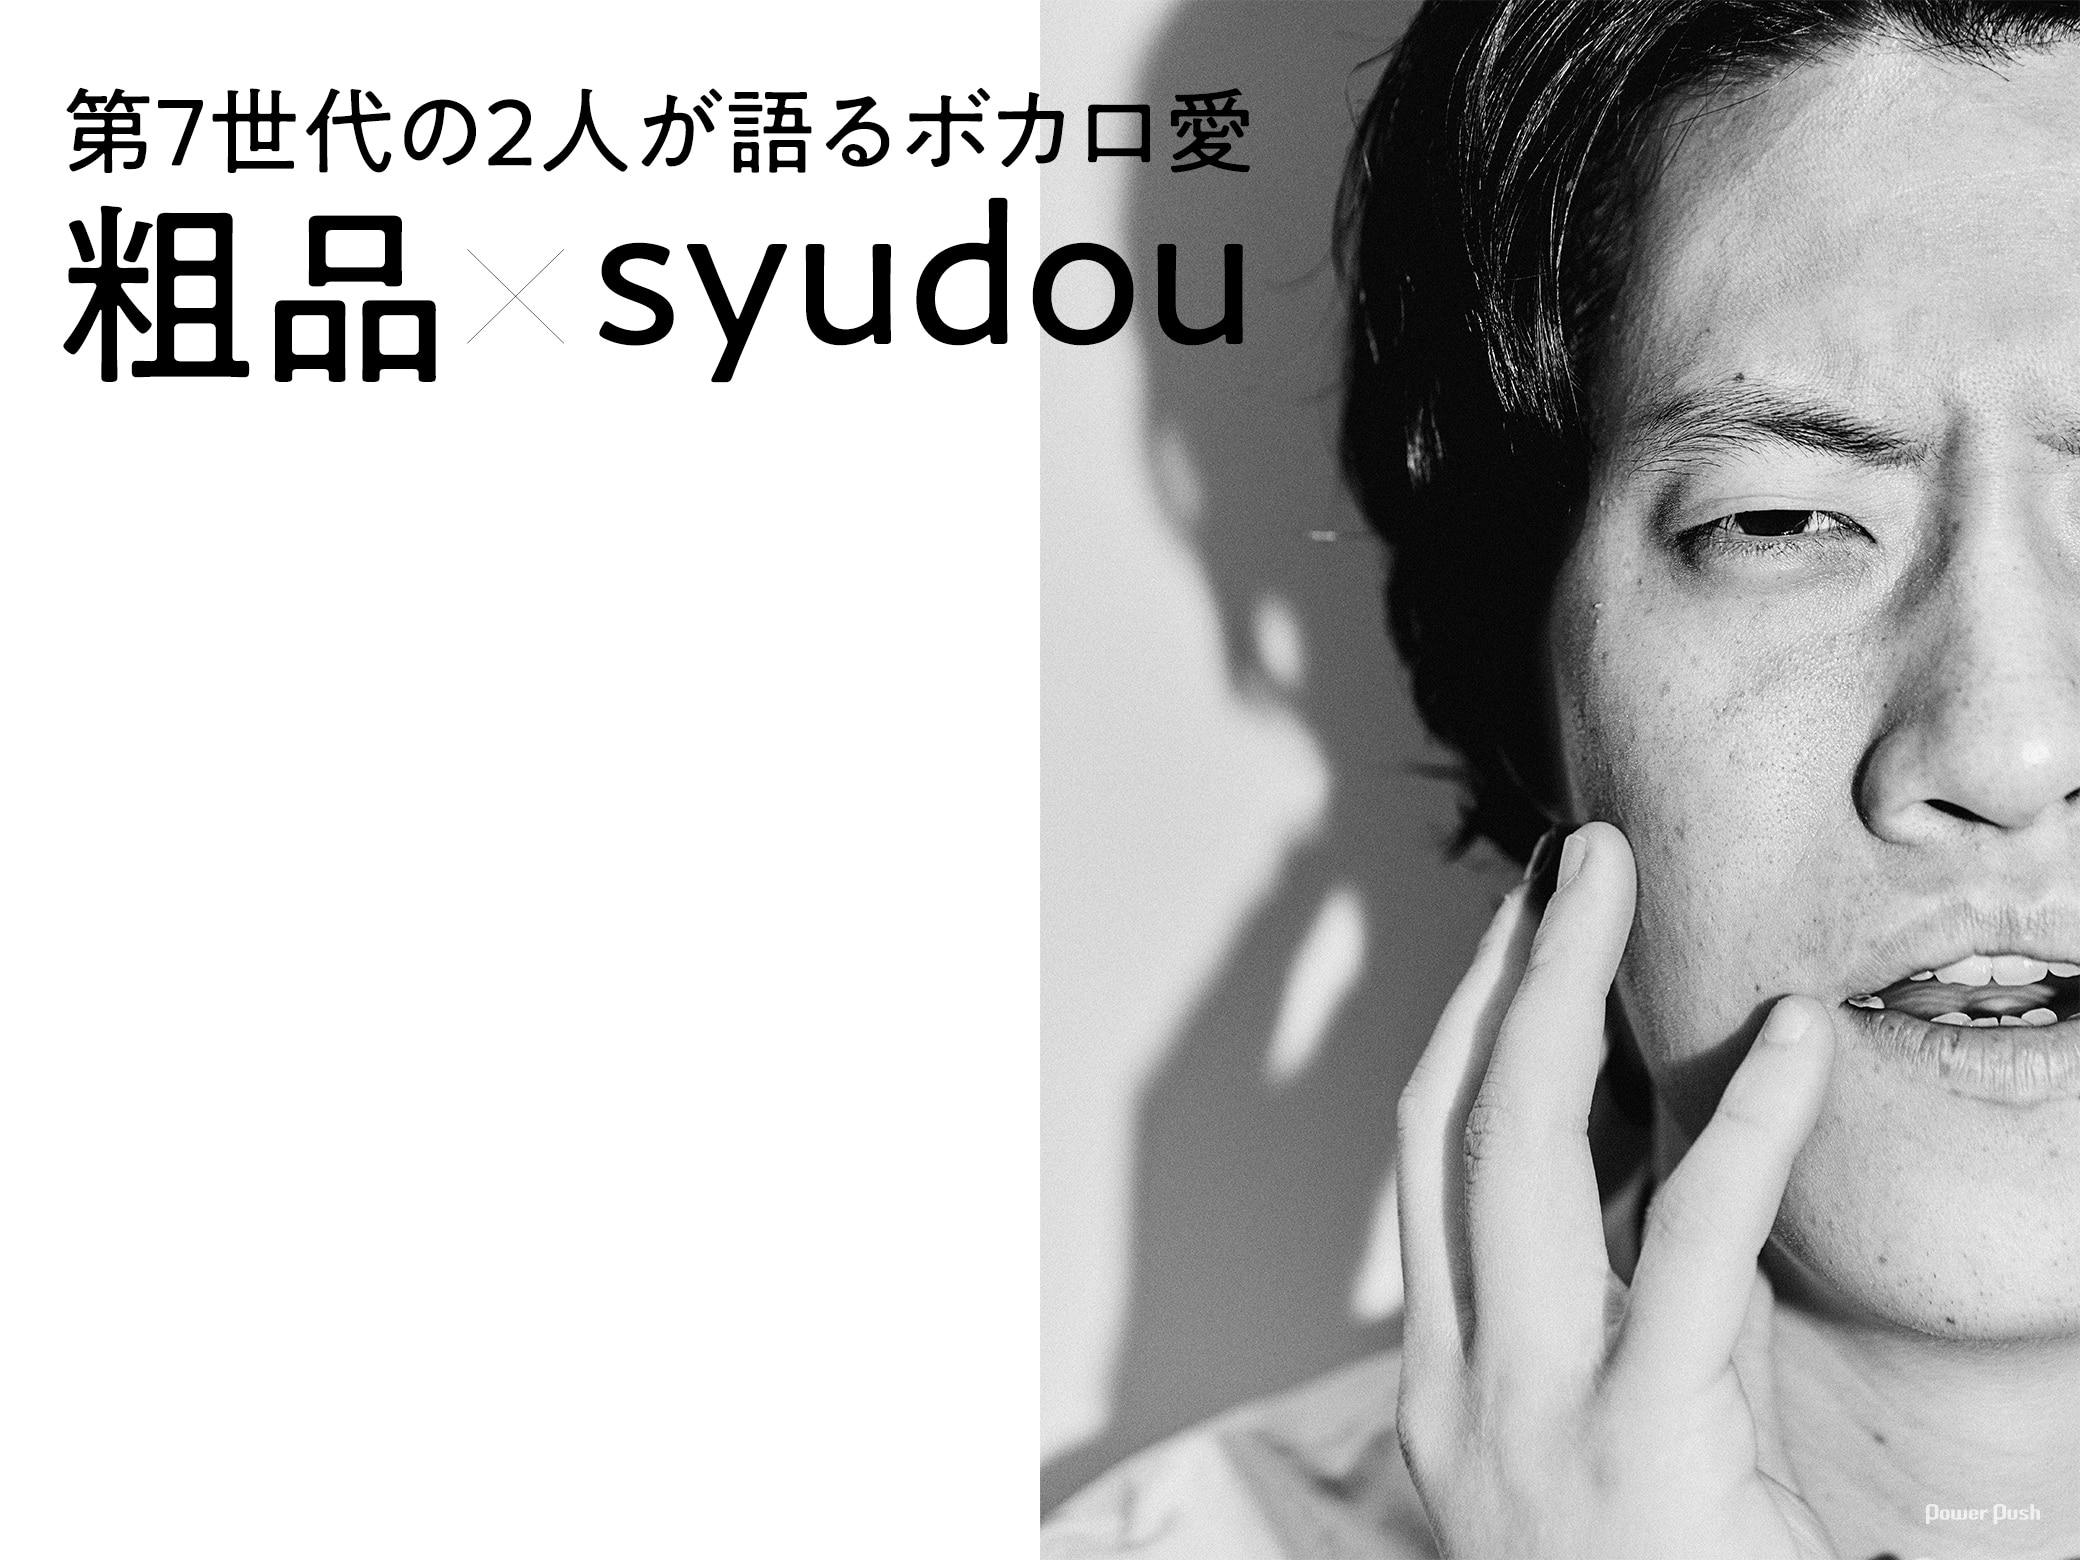 粗品×syudou|第7世代の2人が語るボカロ愛